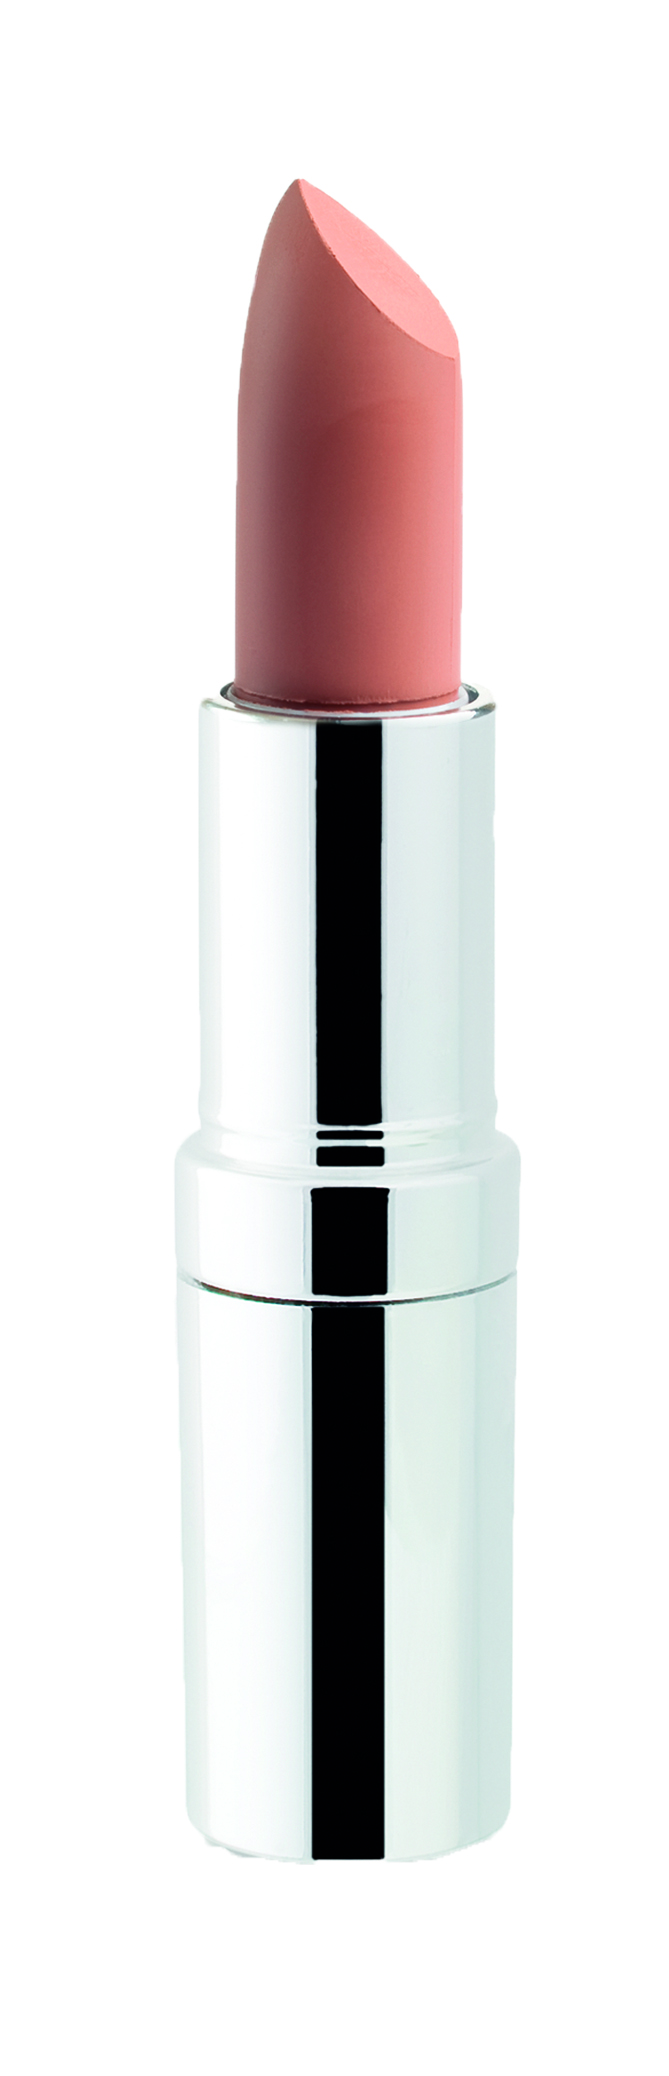 SEVENTEEN Помада губная устойчивая матовая SPF 15, 35 ледяной абрикос / Matte Lasting Lipstick 5 г